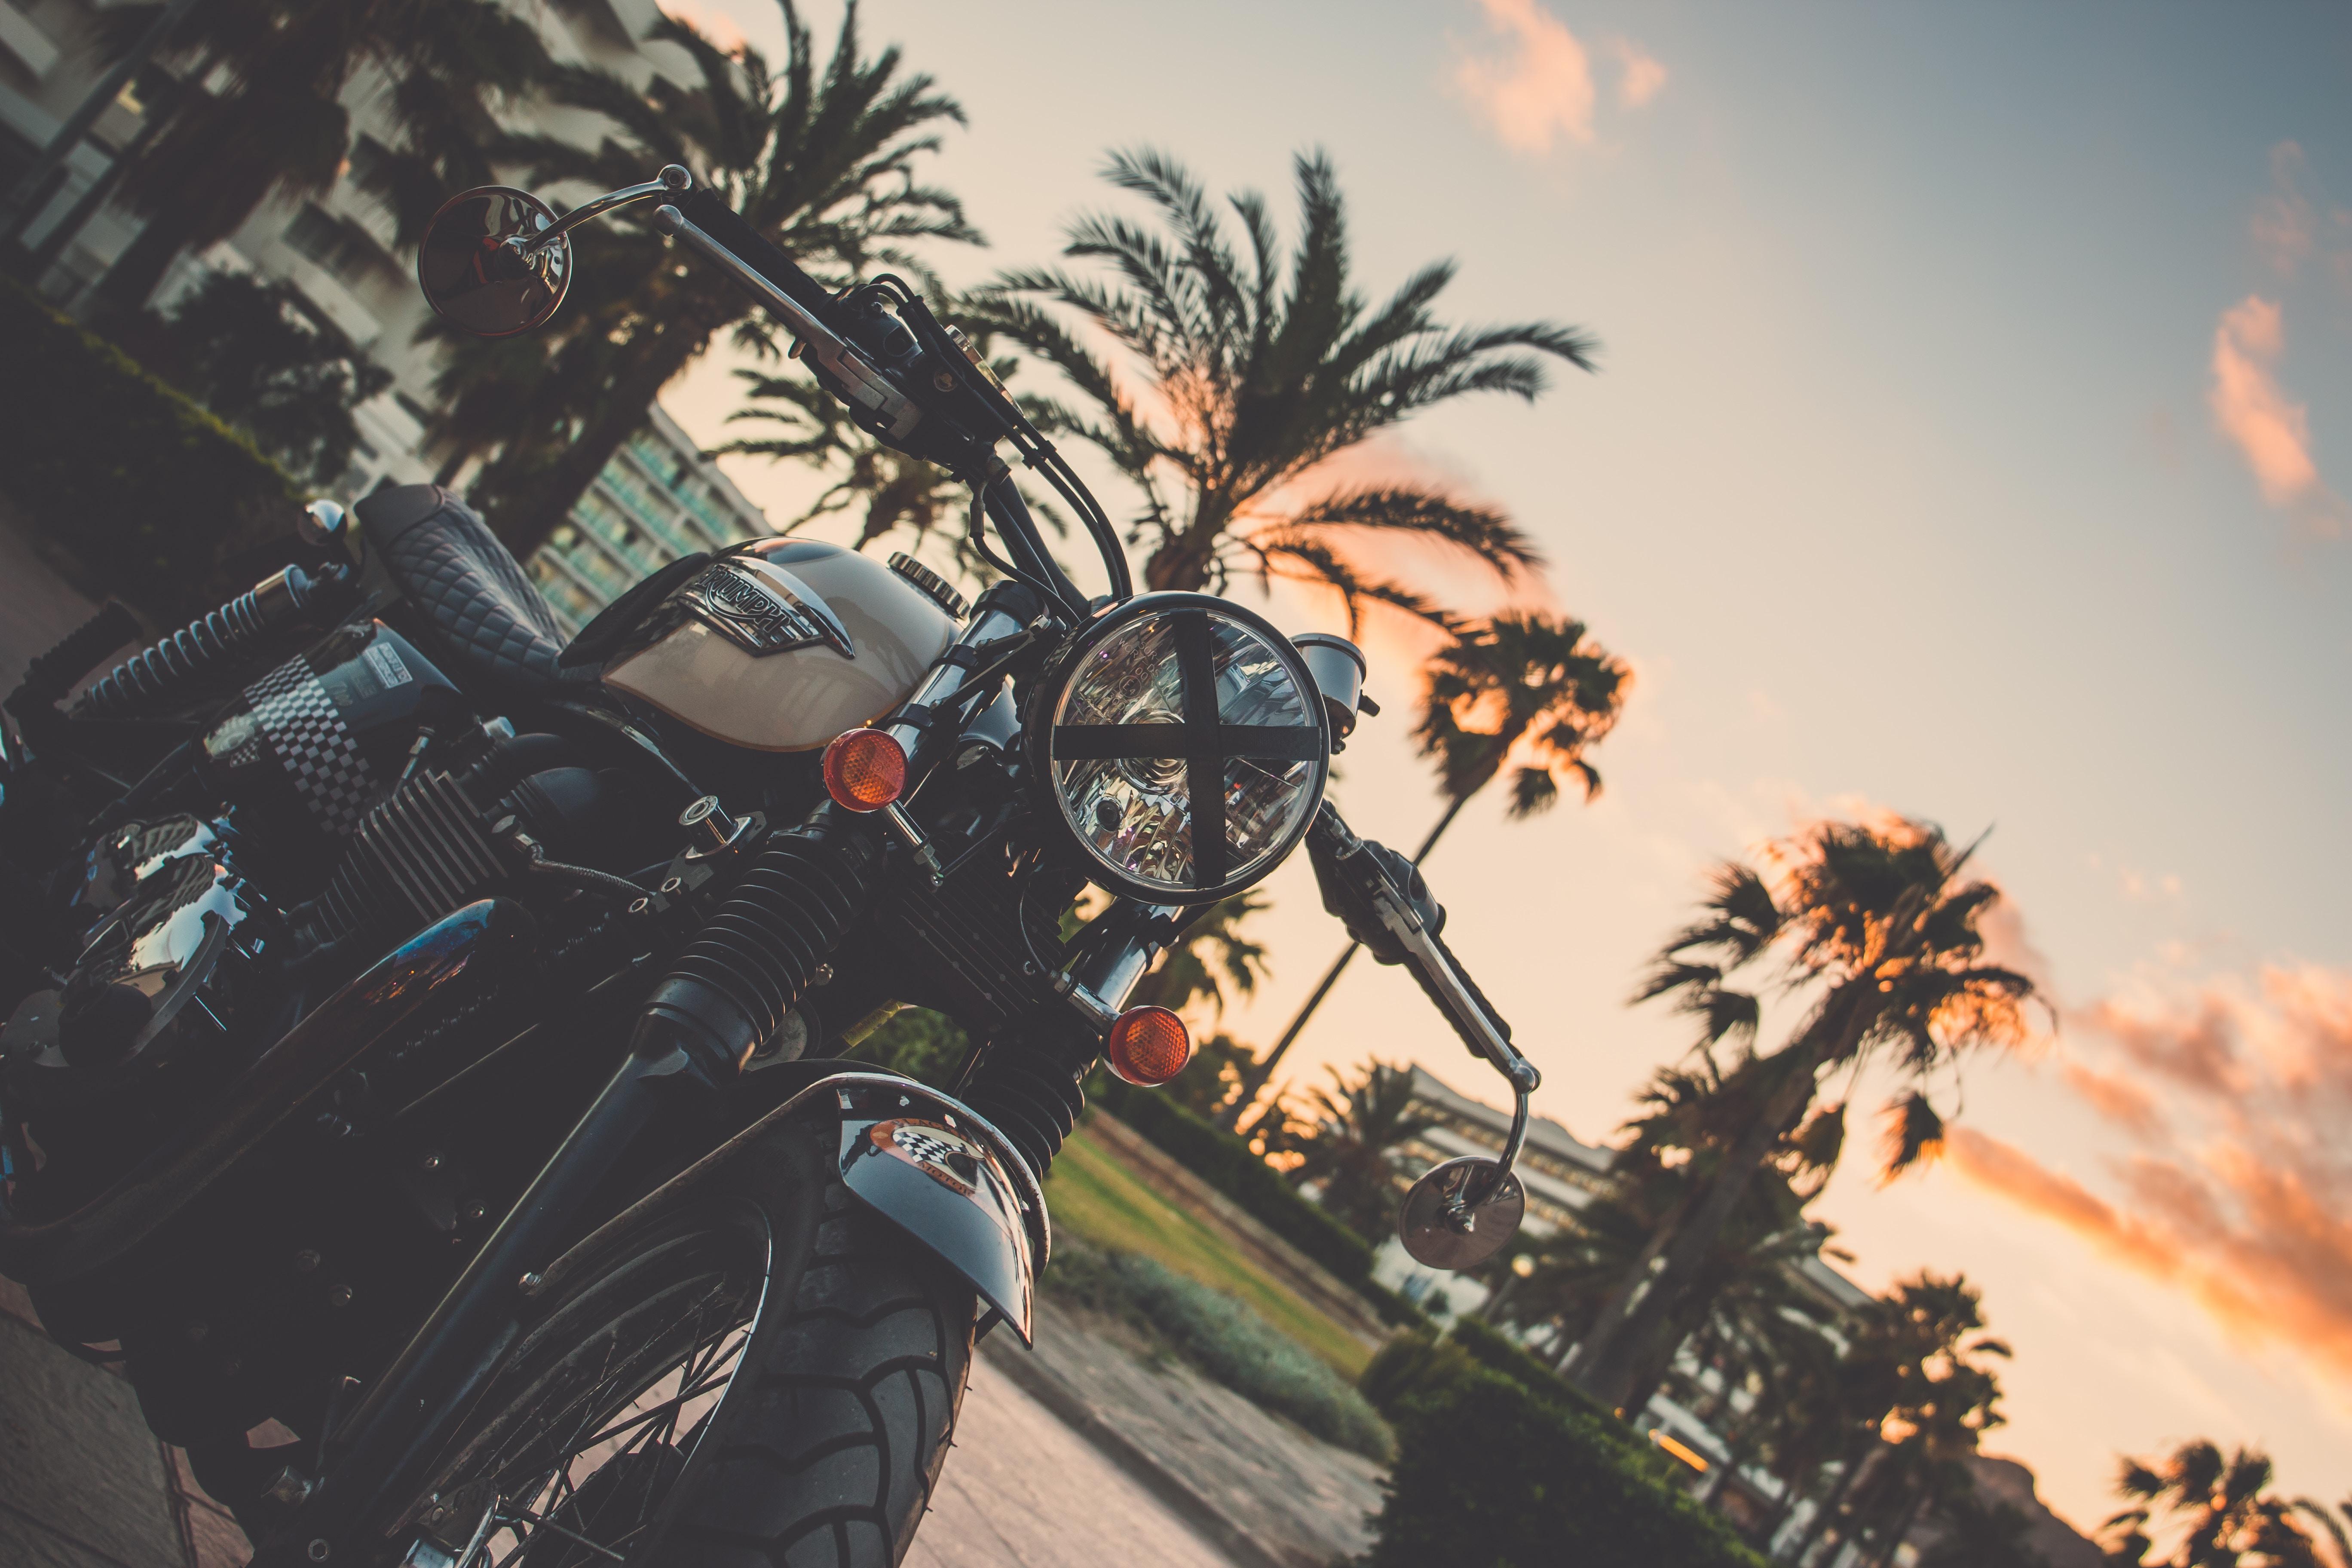 Filmer en moto